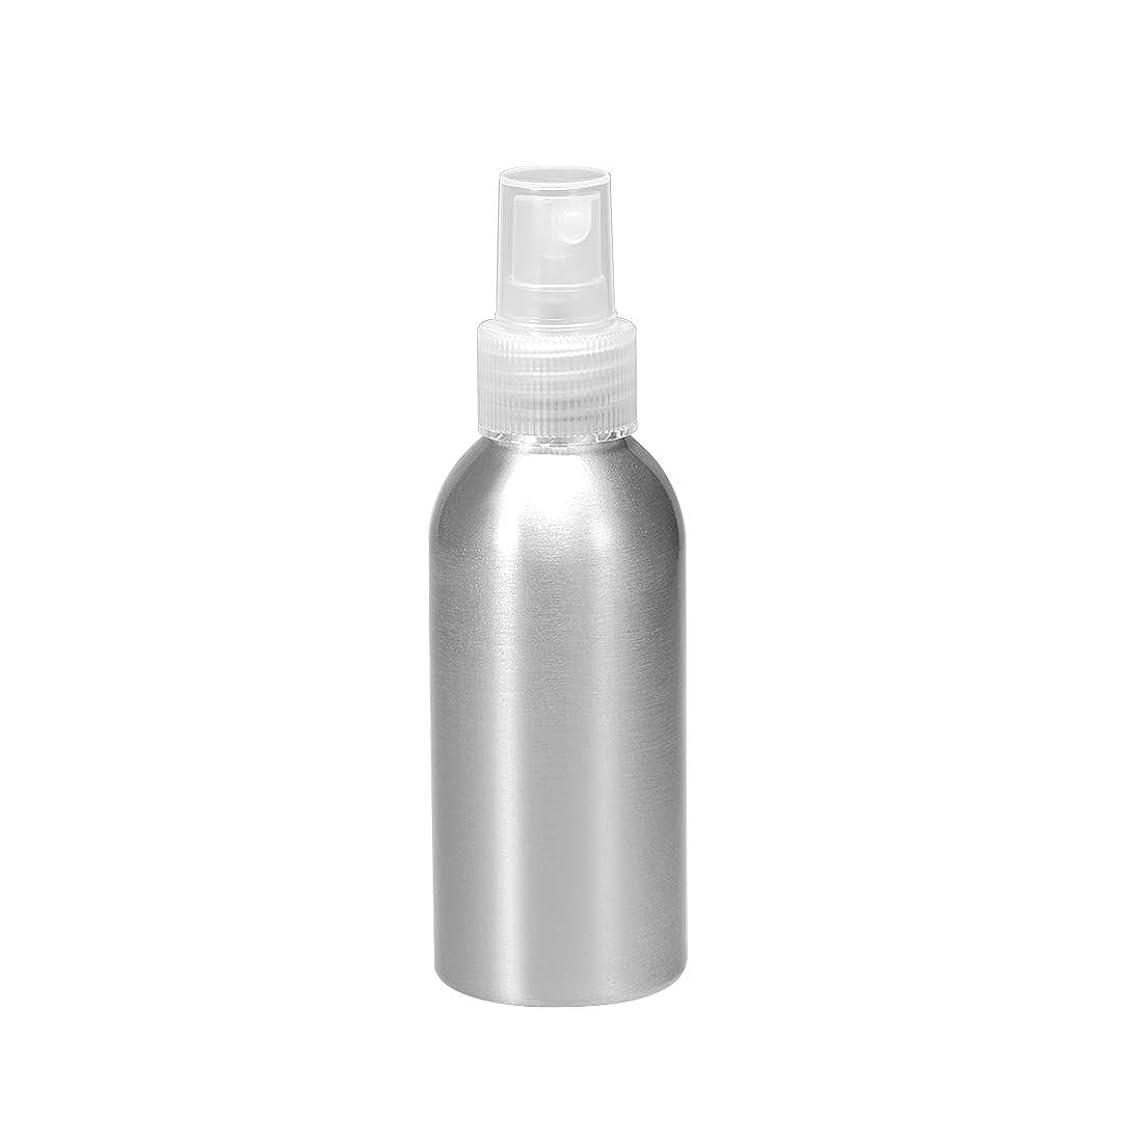 櫛ミニチュア試用uxcell uxcell アルミスプレーボトル クリアファインミストスプレー付き 空の詰め替え式コンテナ トラベルボトル 3oz/100ml